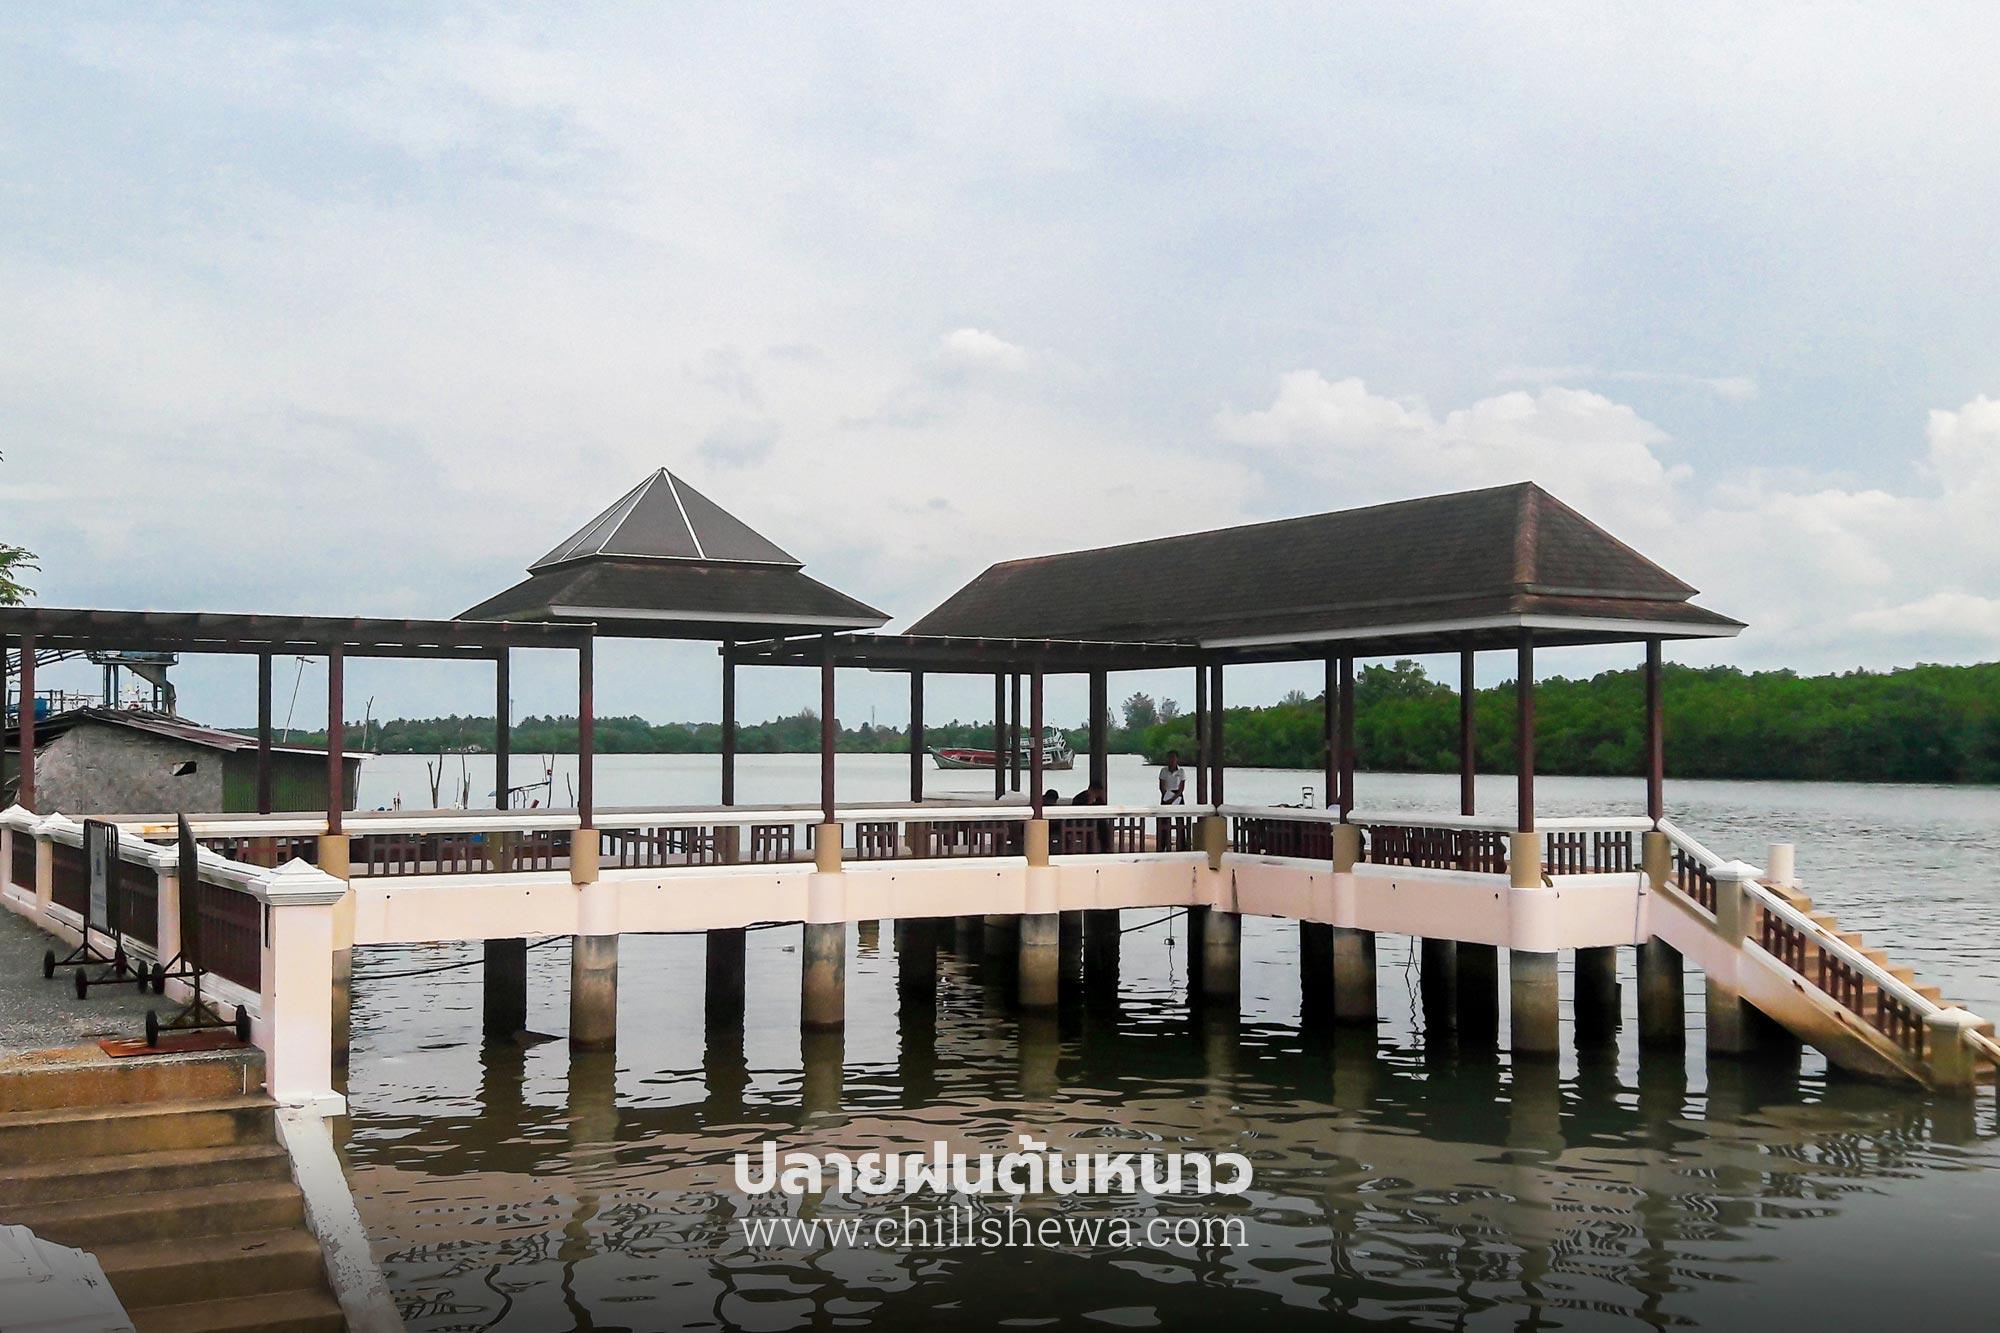 Krabi Front Bay Resort กระบี่ ฟร้อนท์ เบย์ รีสอร์ท krabi front bay resort Krabi Front Bay Resort กระบี่ ฟร้อนท์ เบย์ รีสอร์ท Krabi Front Bay Resort 06